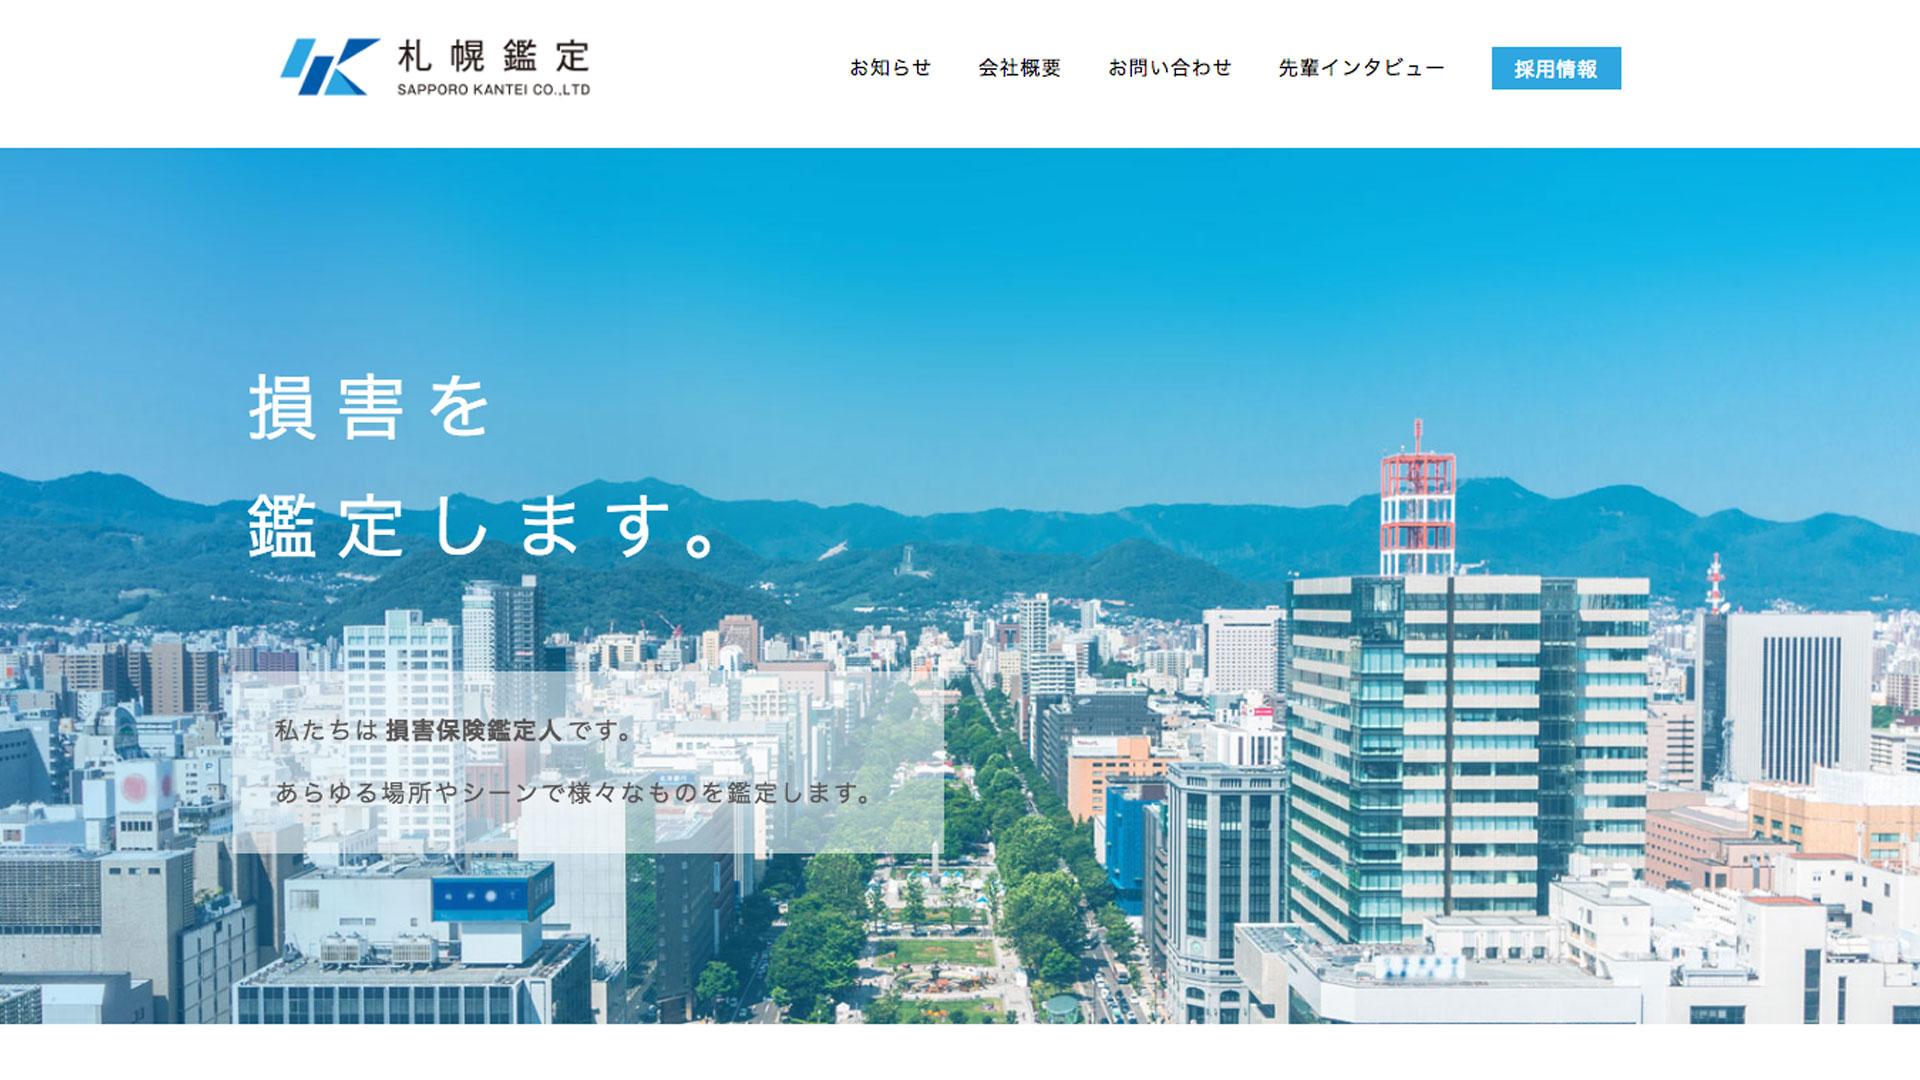 株式会社札幌鑑定 ヘッダー